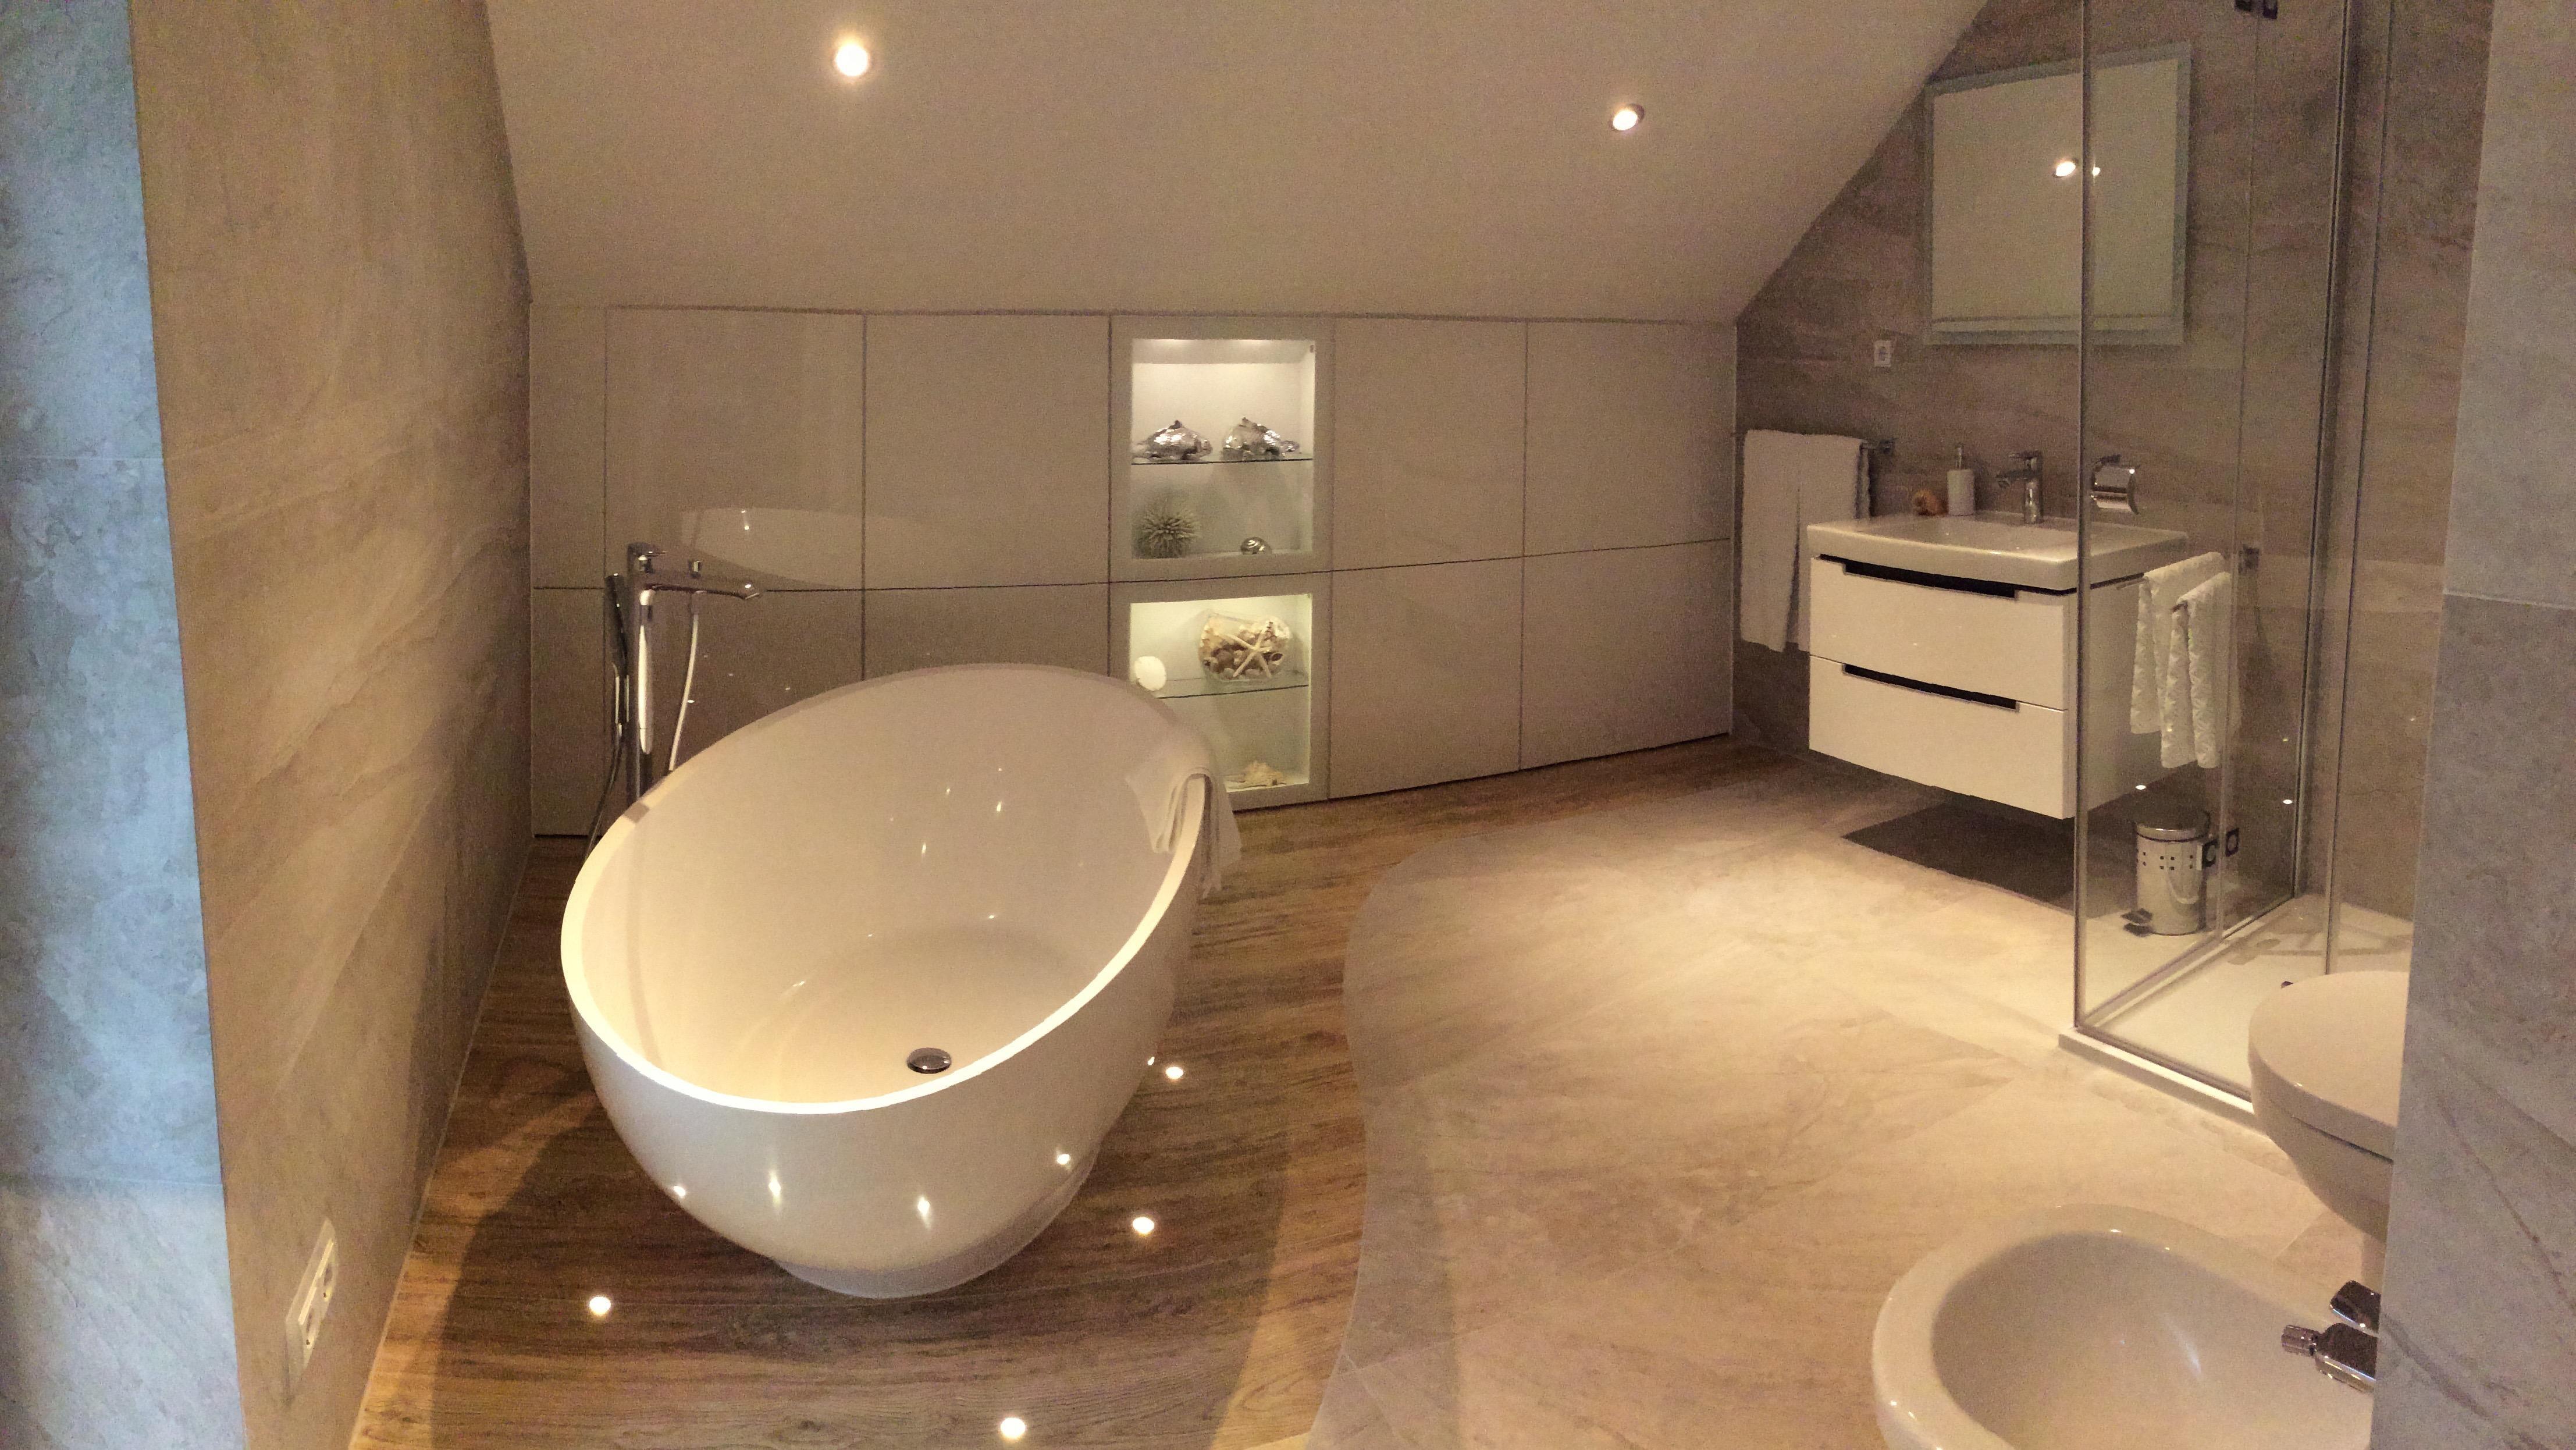 Badezimmer: Egal welche Größe, so machst du es schön!